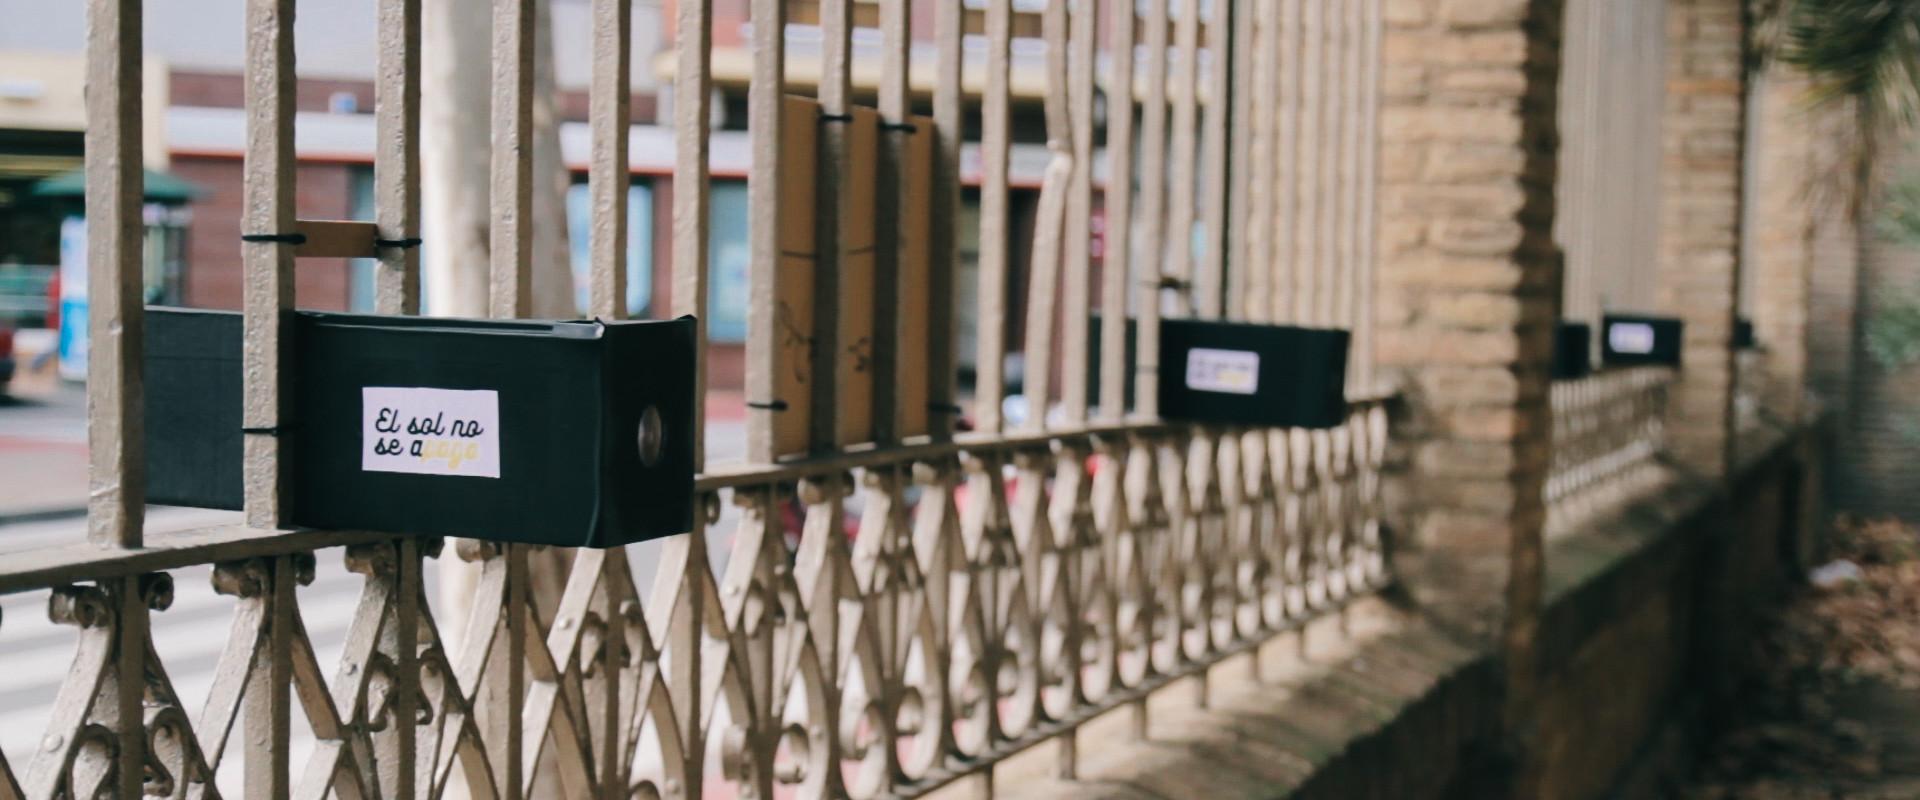 El sol no se A-paga | Intervención urbana de guerrilla